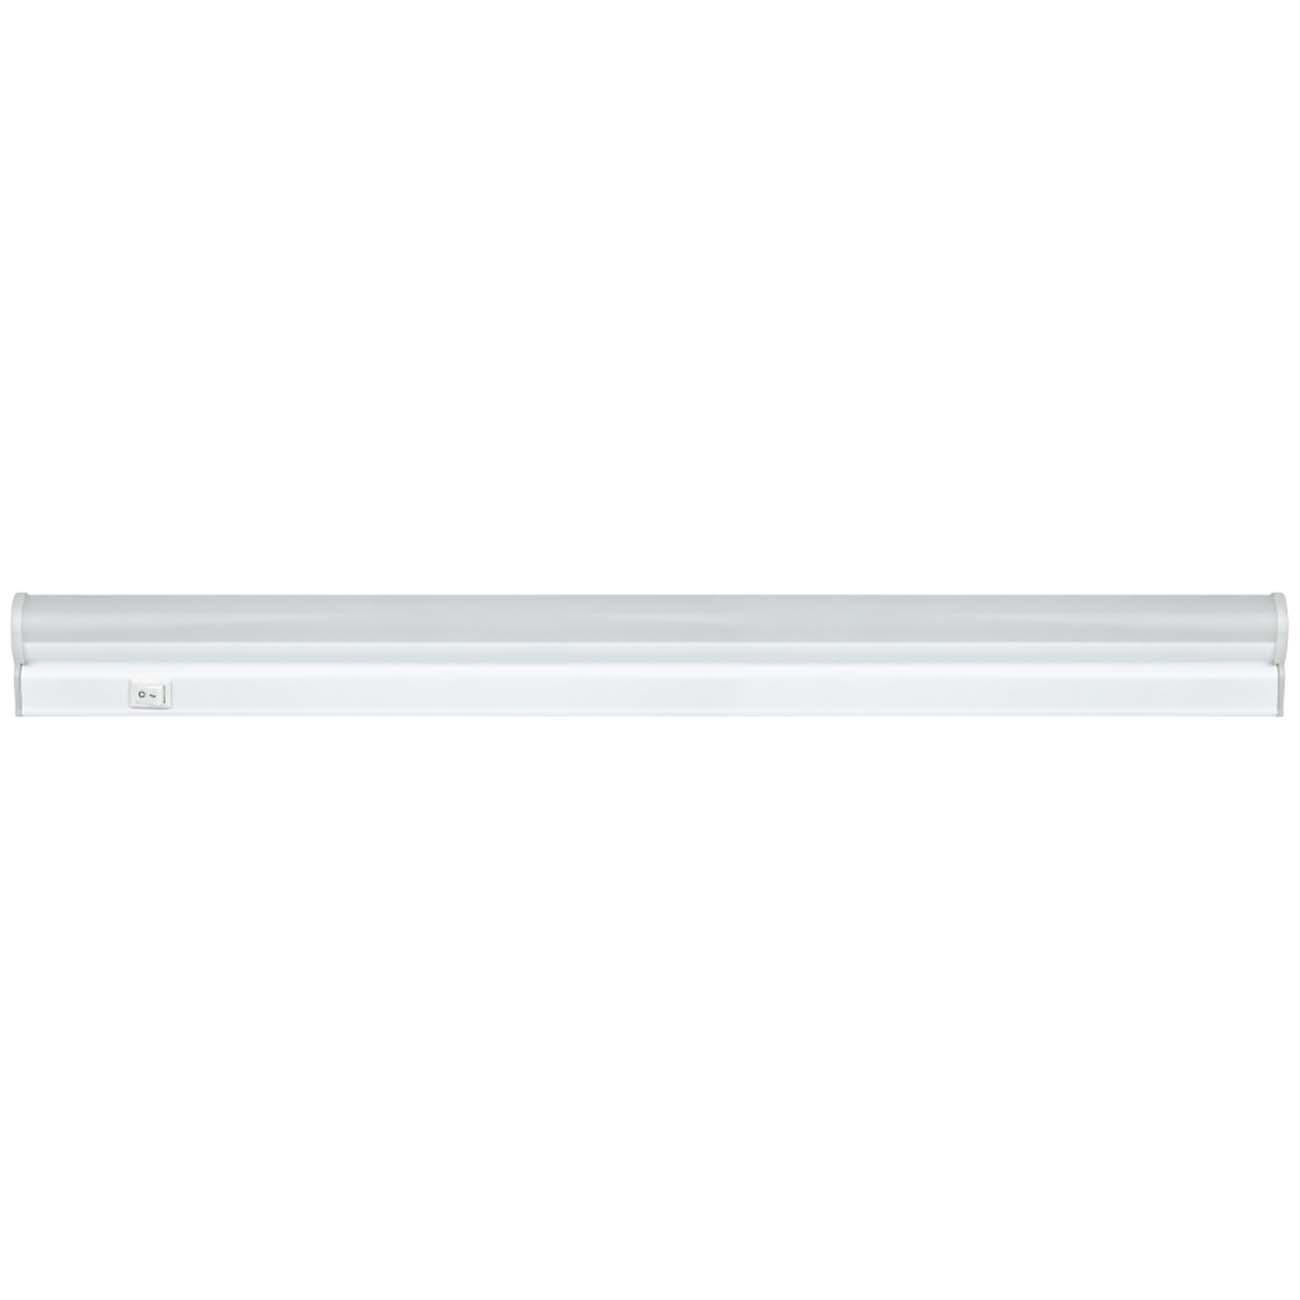 Купить Светильник настенный Ultraflash LWL-2016-05 в каталоге интернет магазина М.Видео по выгодной цене с доставкой, отзывы, фотографии - Самара